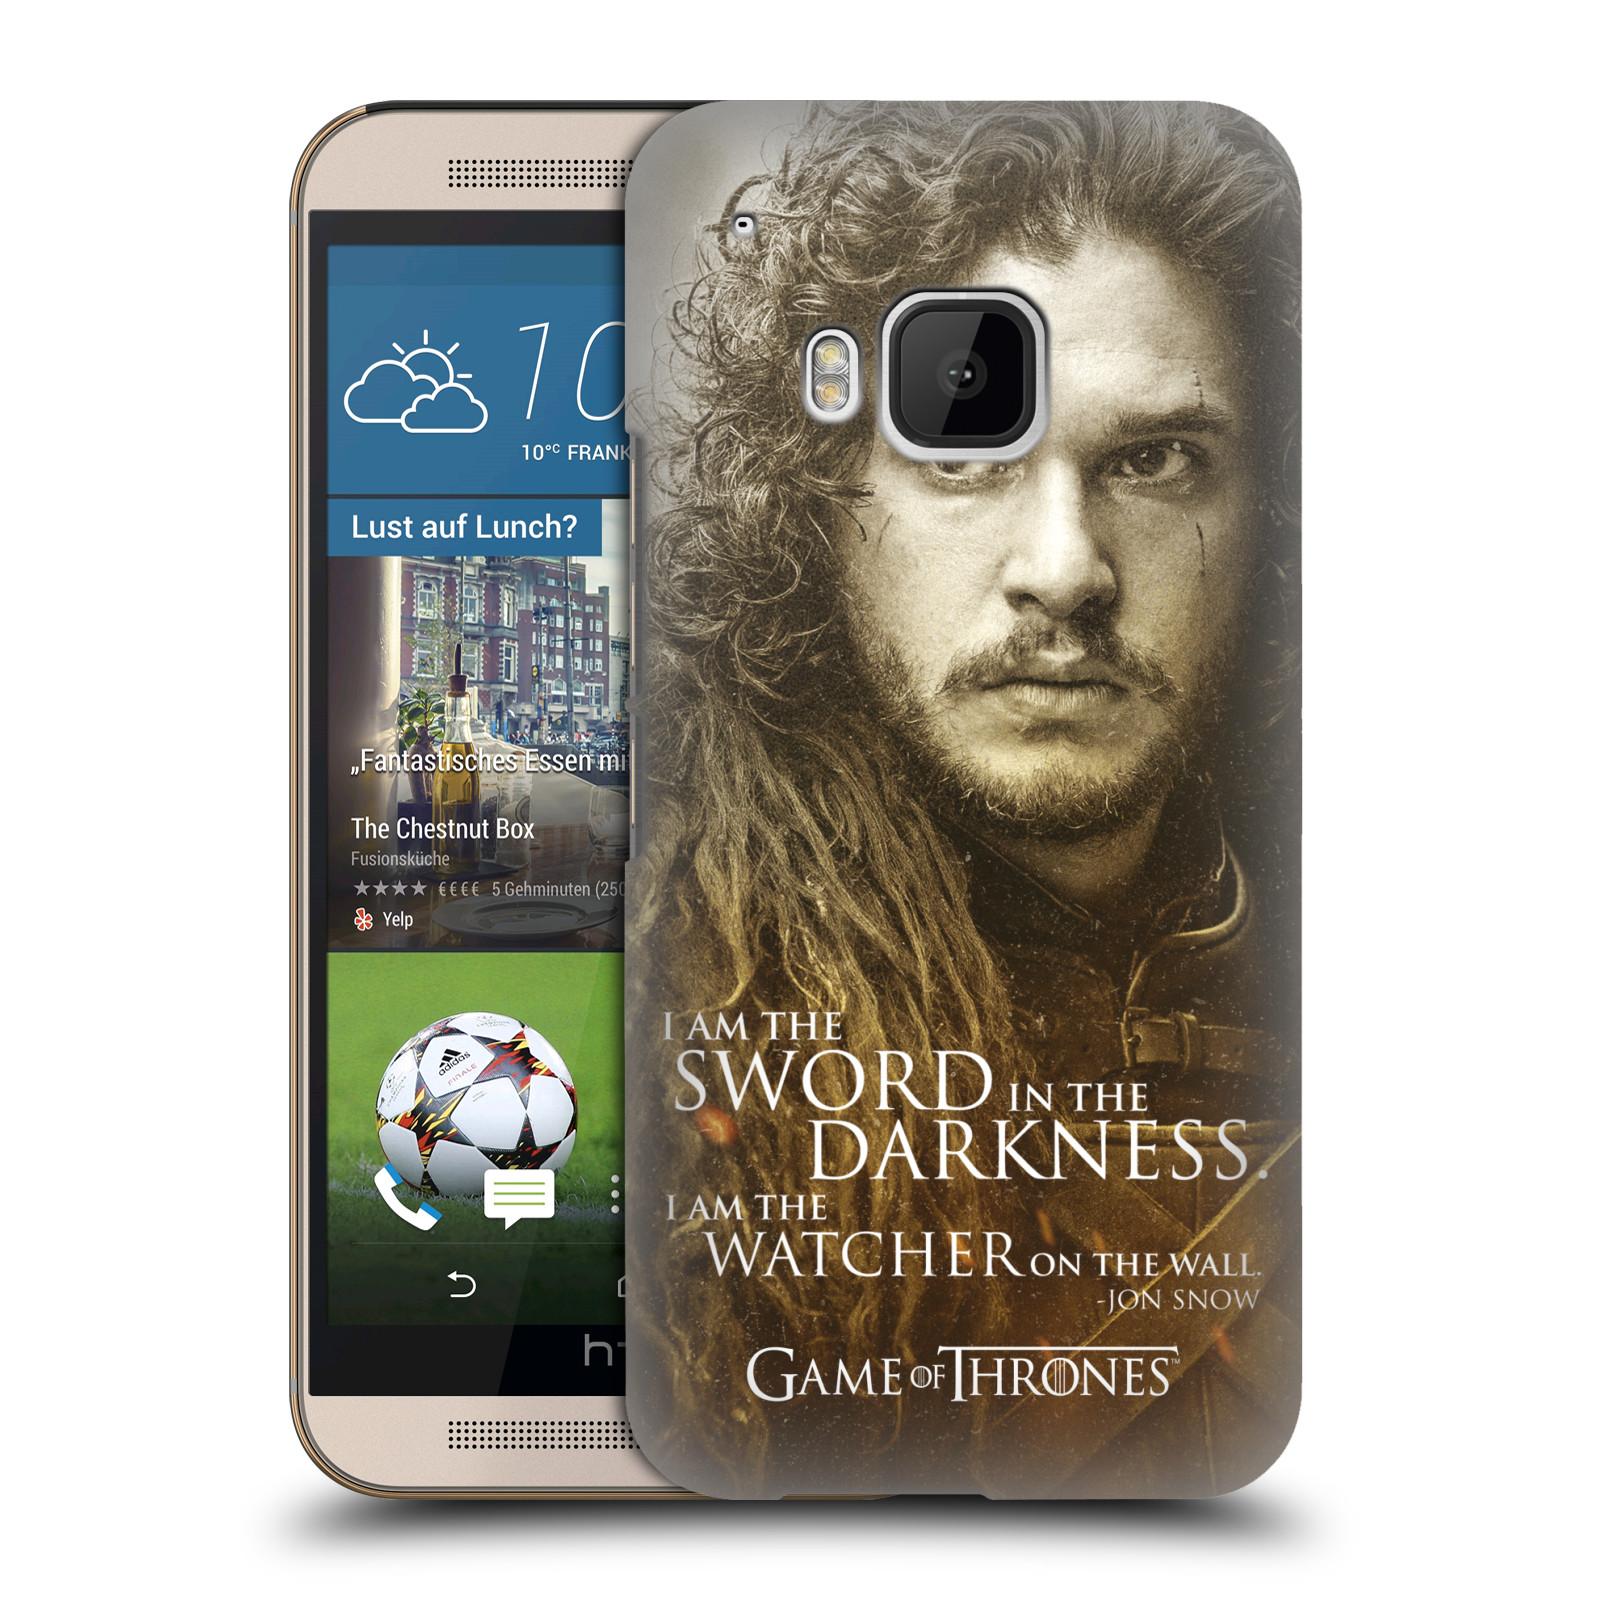 Plastové pouzdro na mobil HTC ONE M9 HEAD CASE Hra o trůny - Jon Snow (Plastový kryt či obal na mobilní telefon s licencovaným motivem Hra o trůny - Game Of Thrones pro HTC ONE M9)